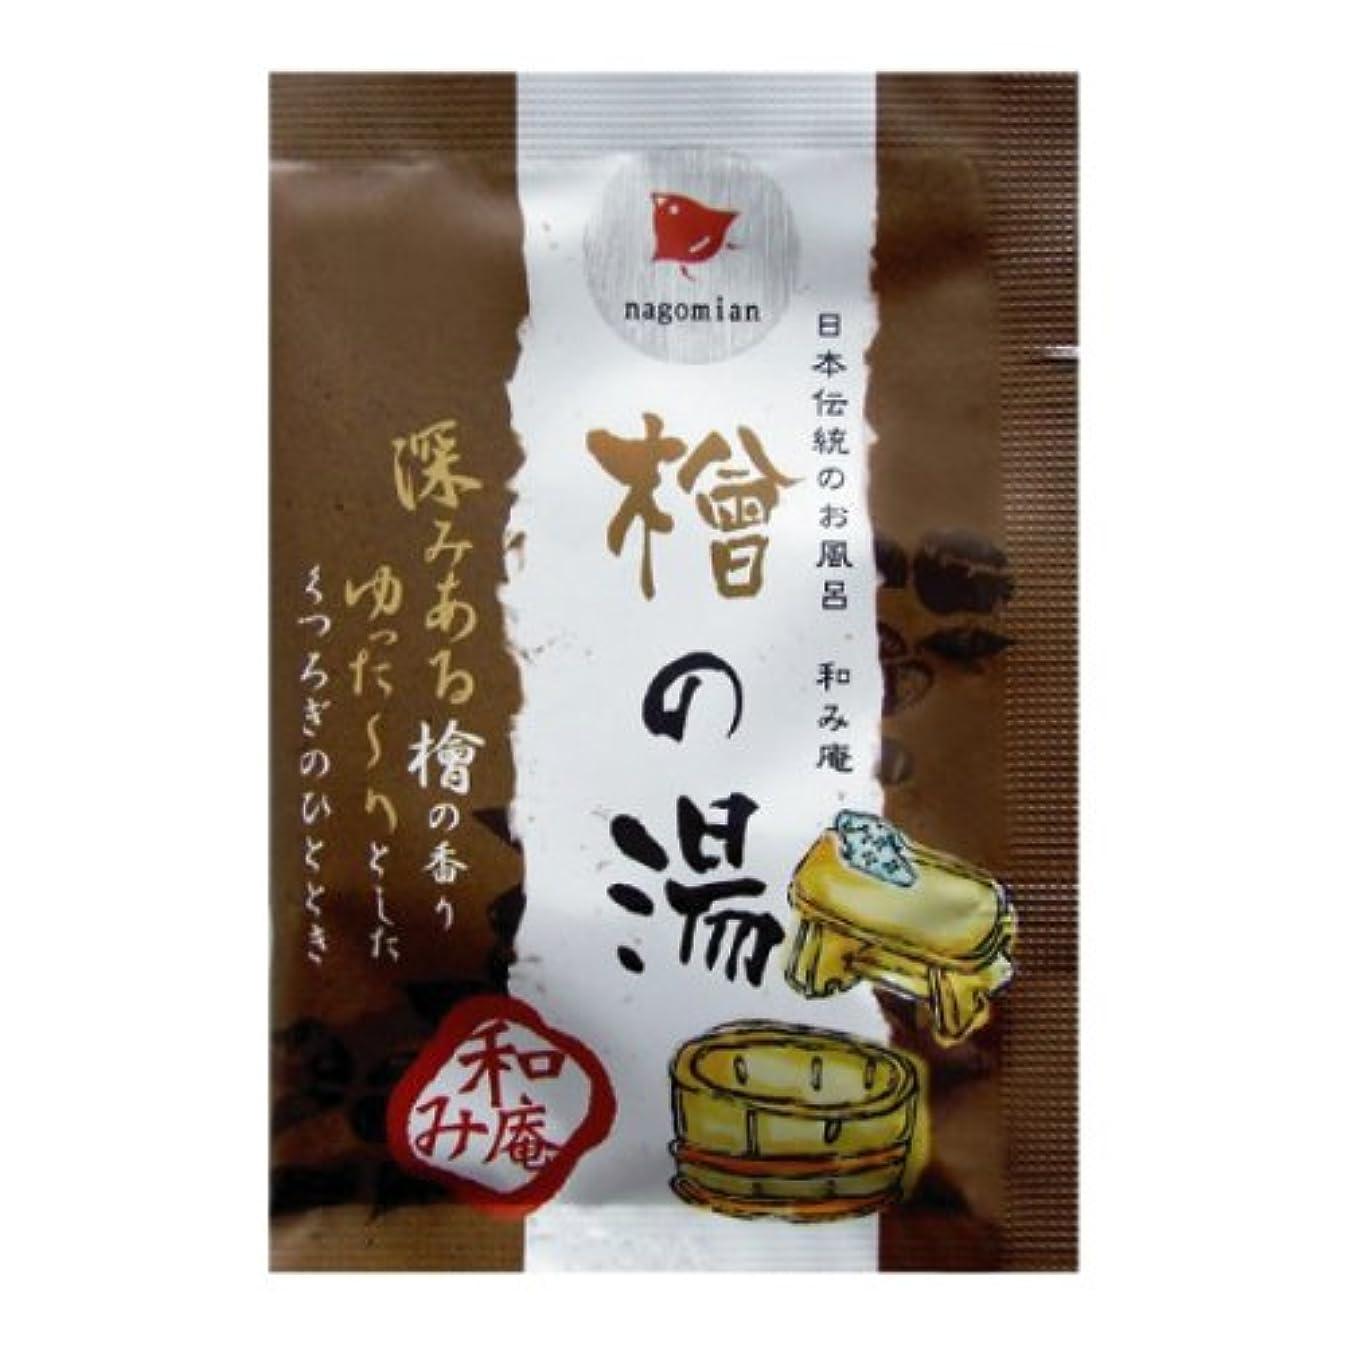 危険主要な風が強い日本伝統のお風呂 和み庵 檜の湯 200包